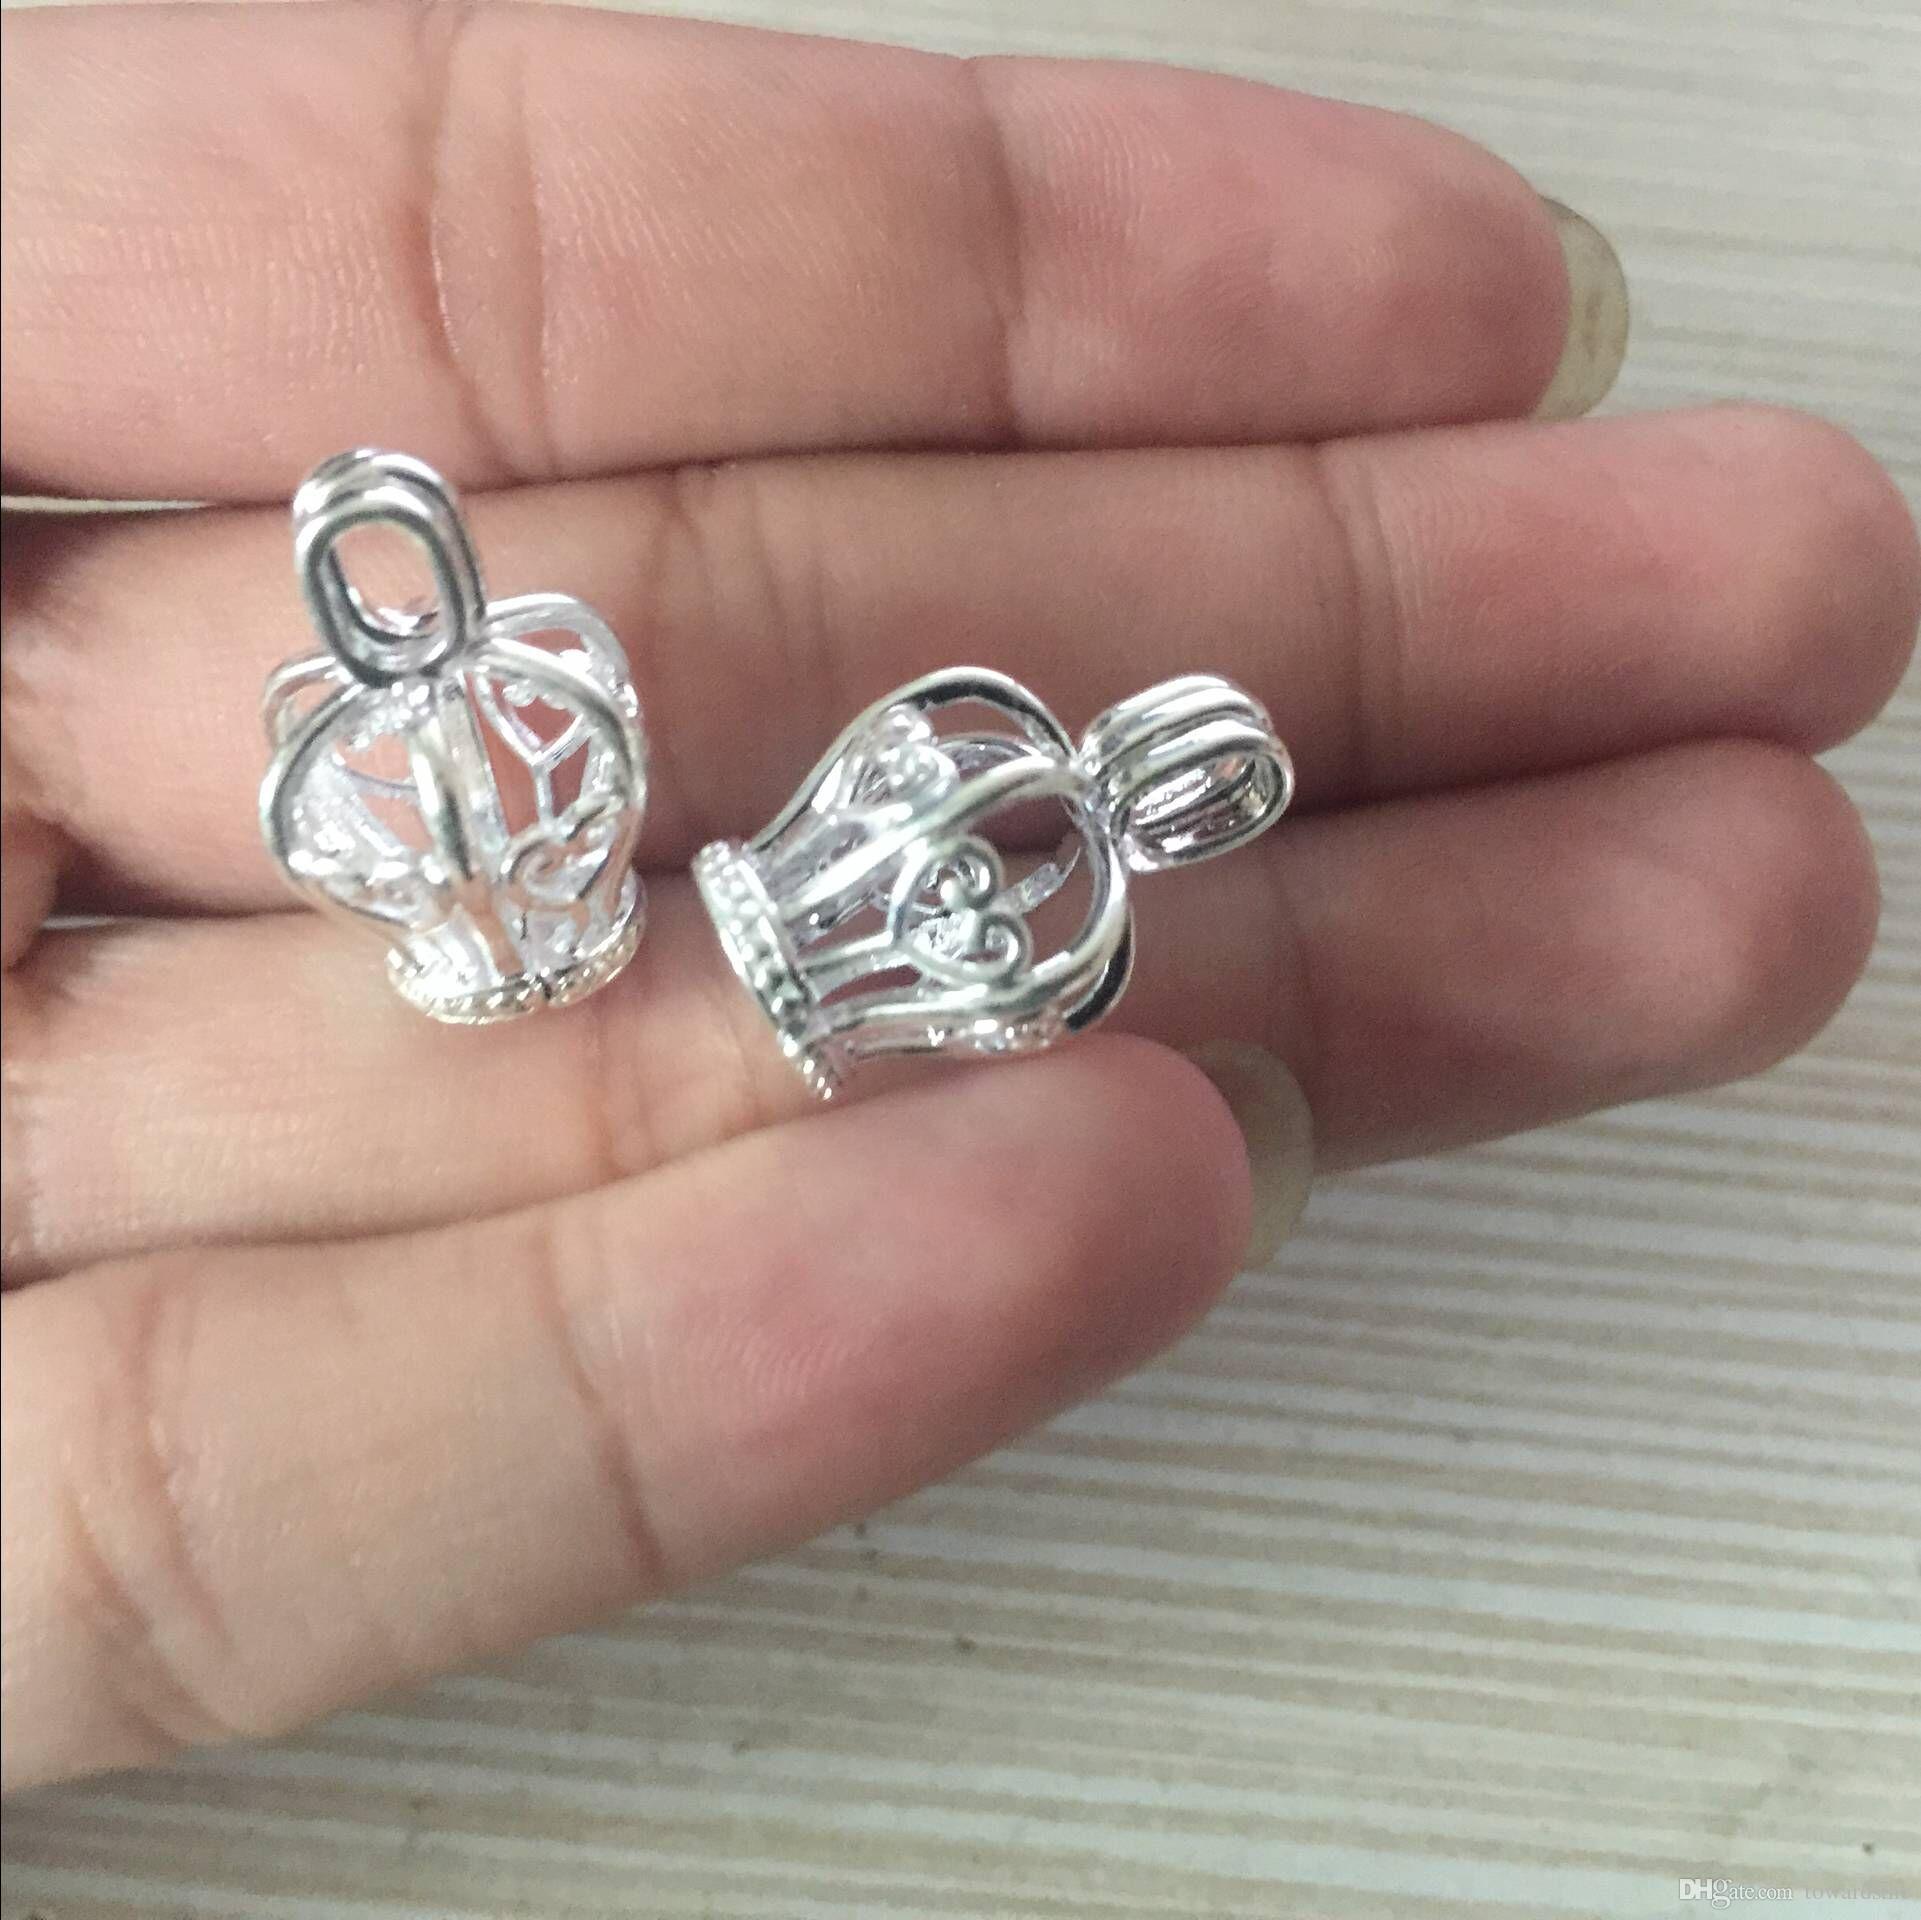 Жемчужная клетка ожерелье кулон, эфирное масло диффузор, корона обеспечивает посеребренные 10шт-плюс свой собственный жемчуг, камень делает его более привлекательным